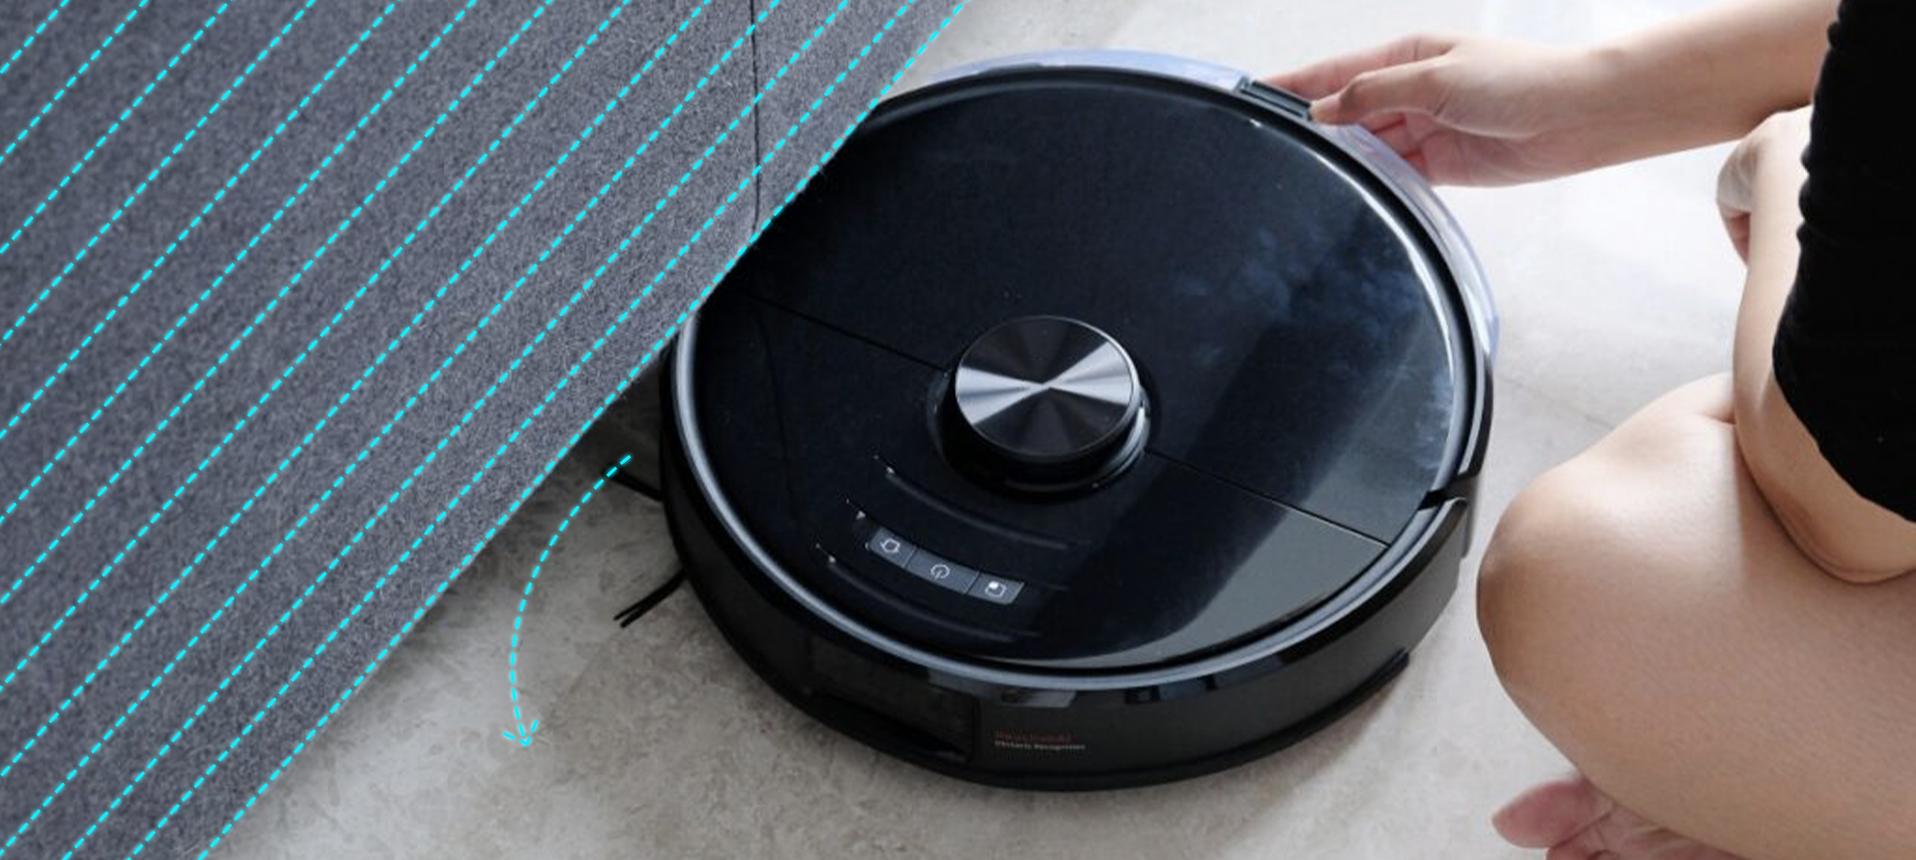 Roborock S6 Max vacuum